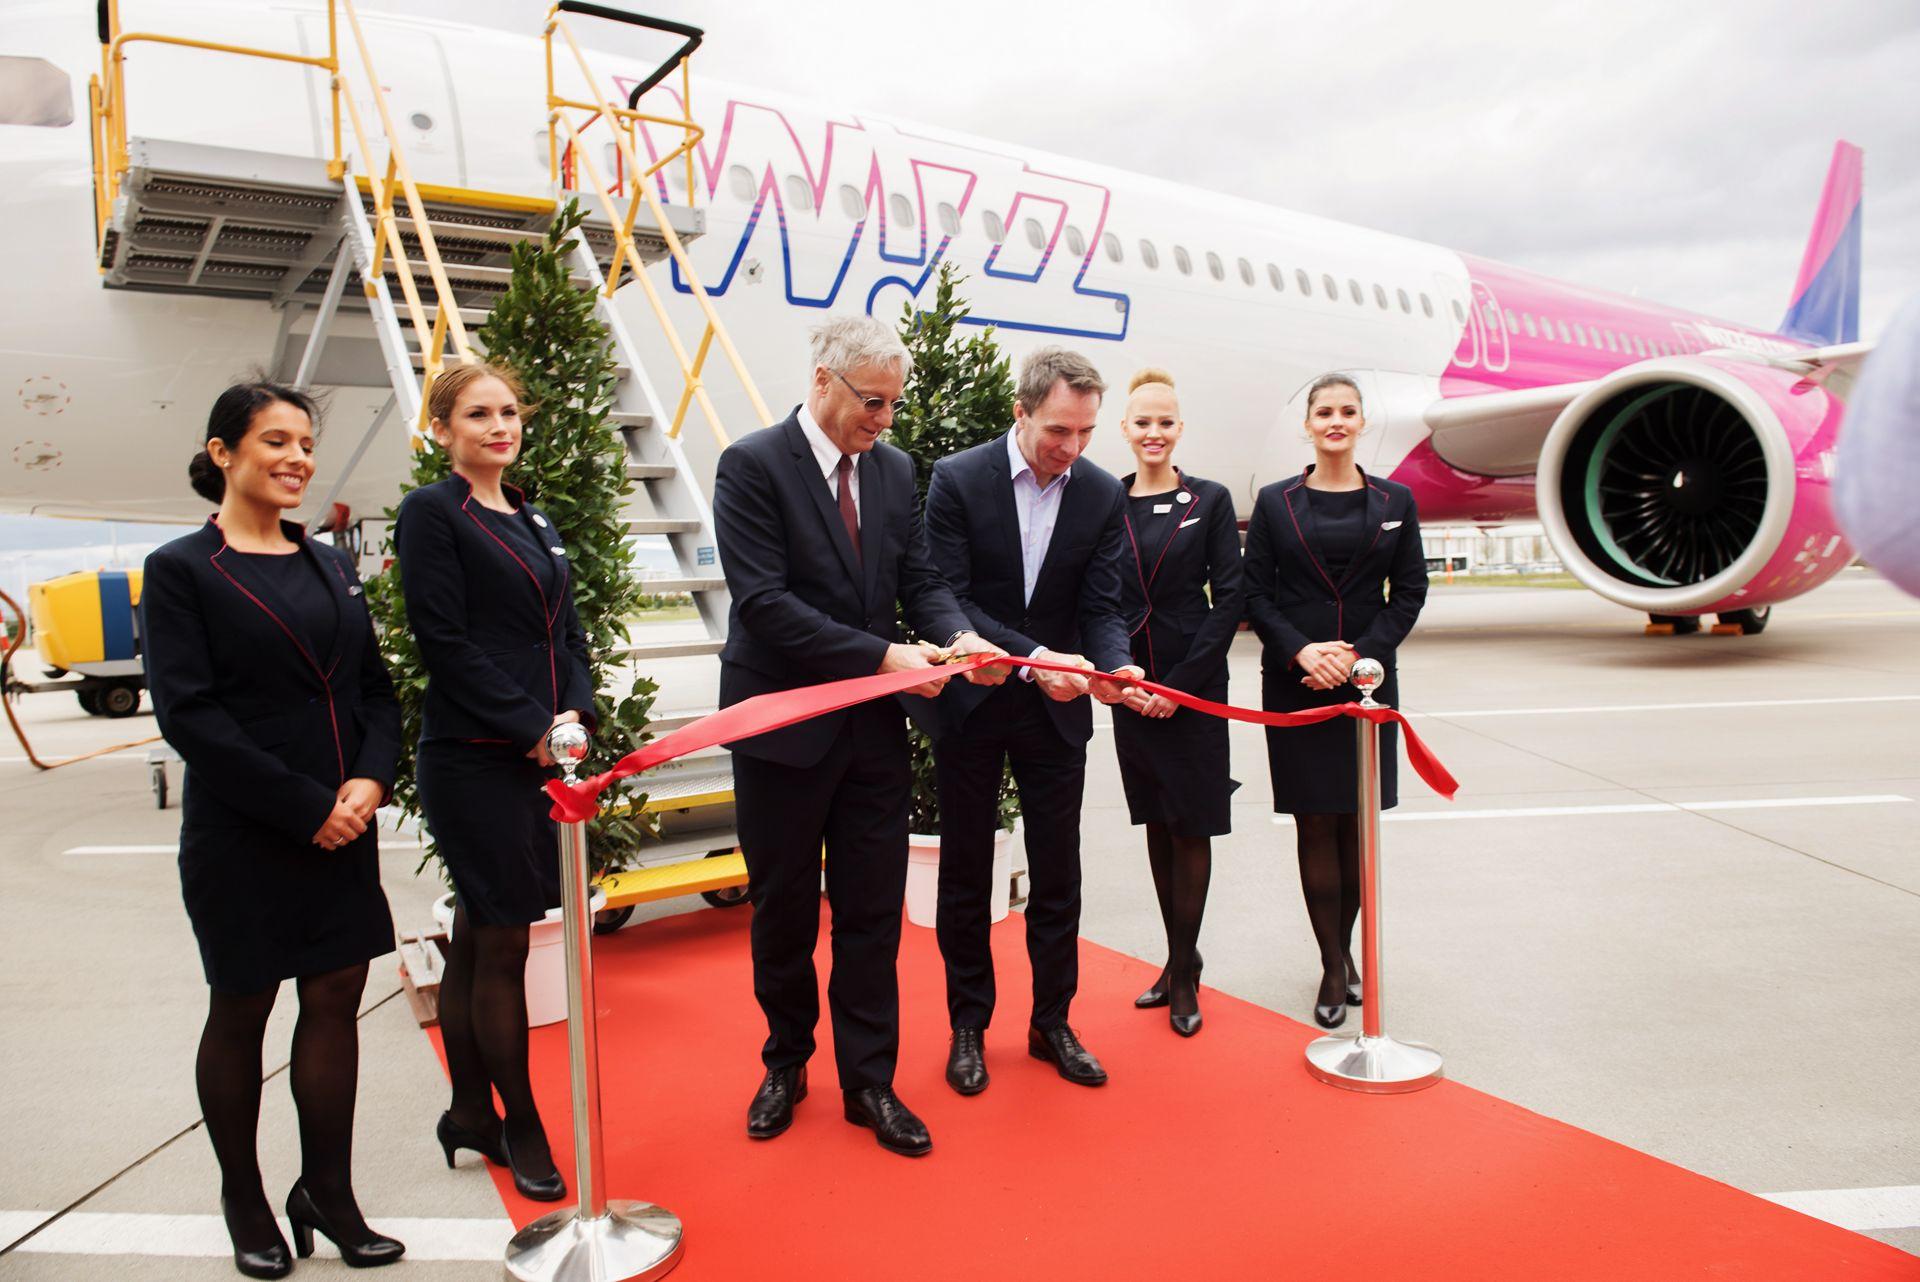 Entrega del primer Airbus A321neo para Wizz Air.